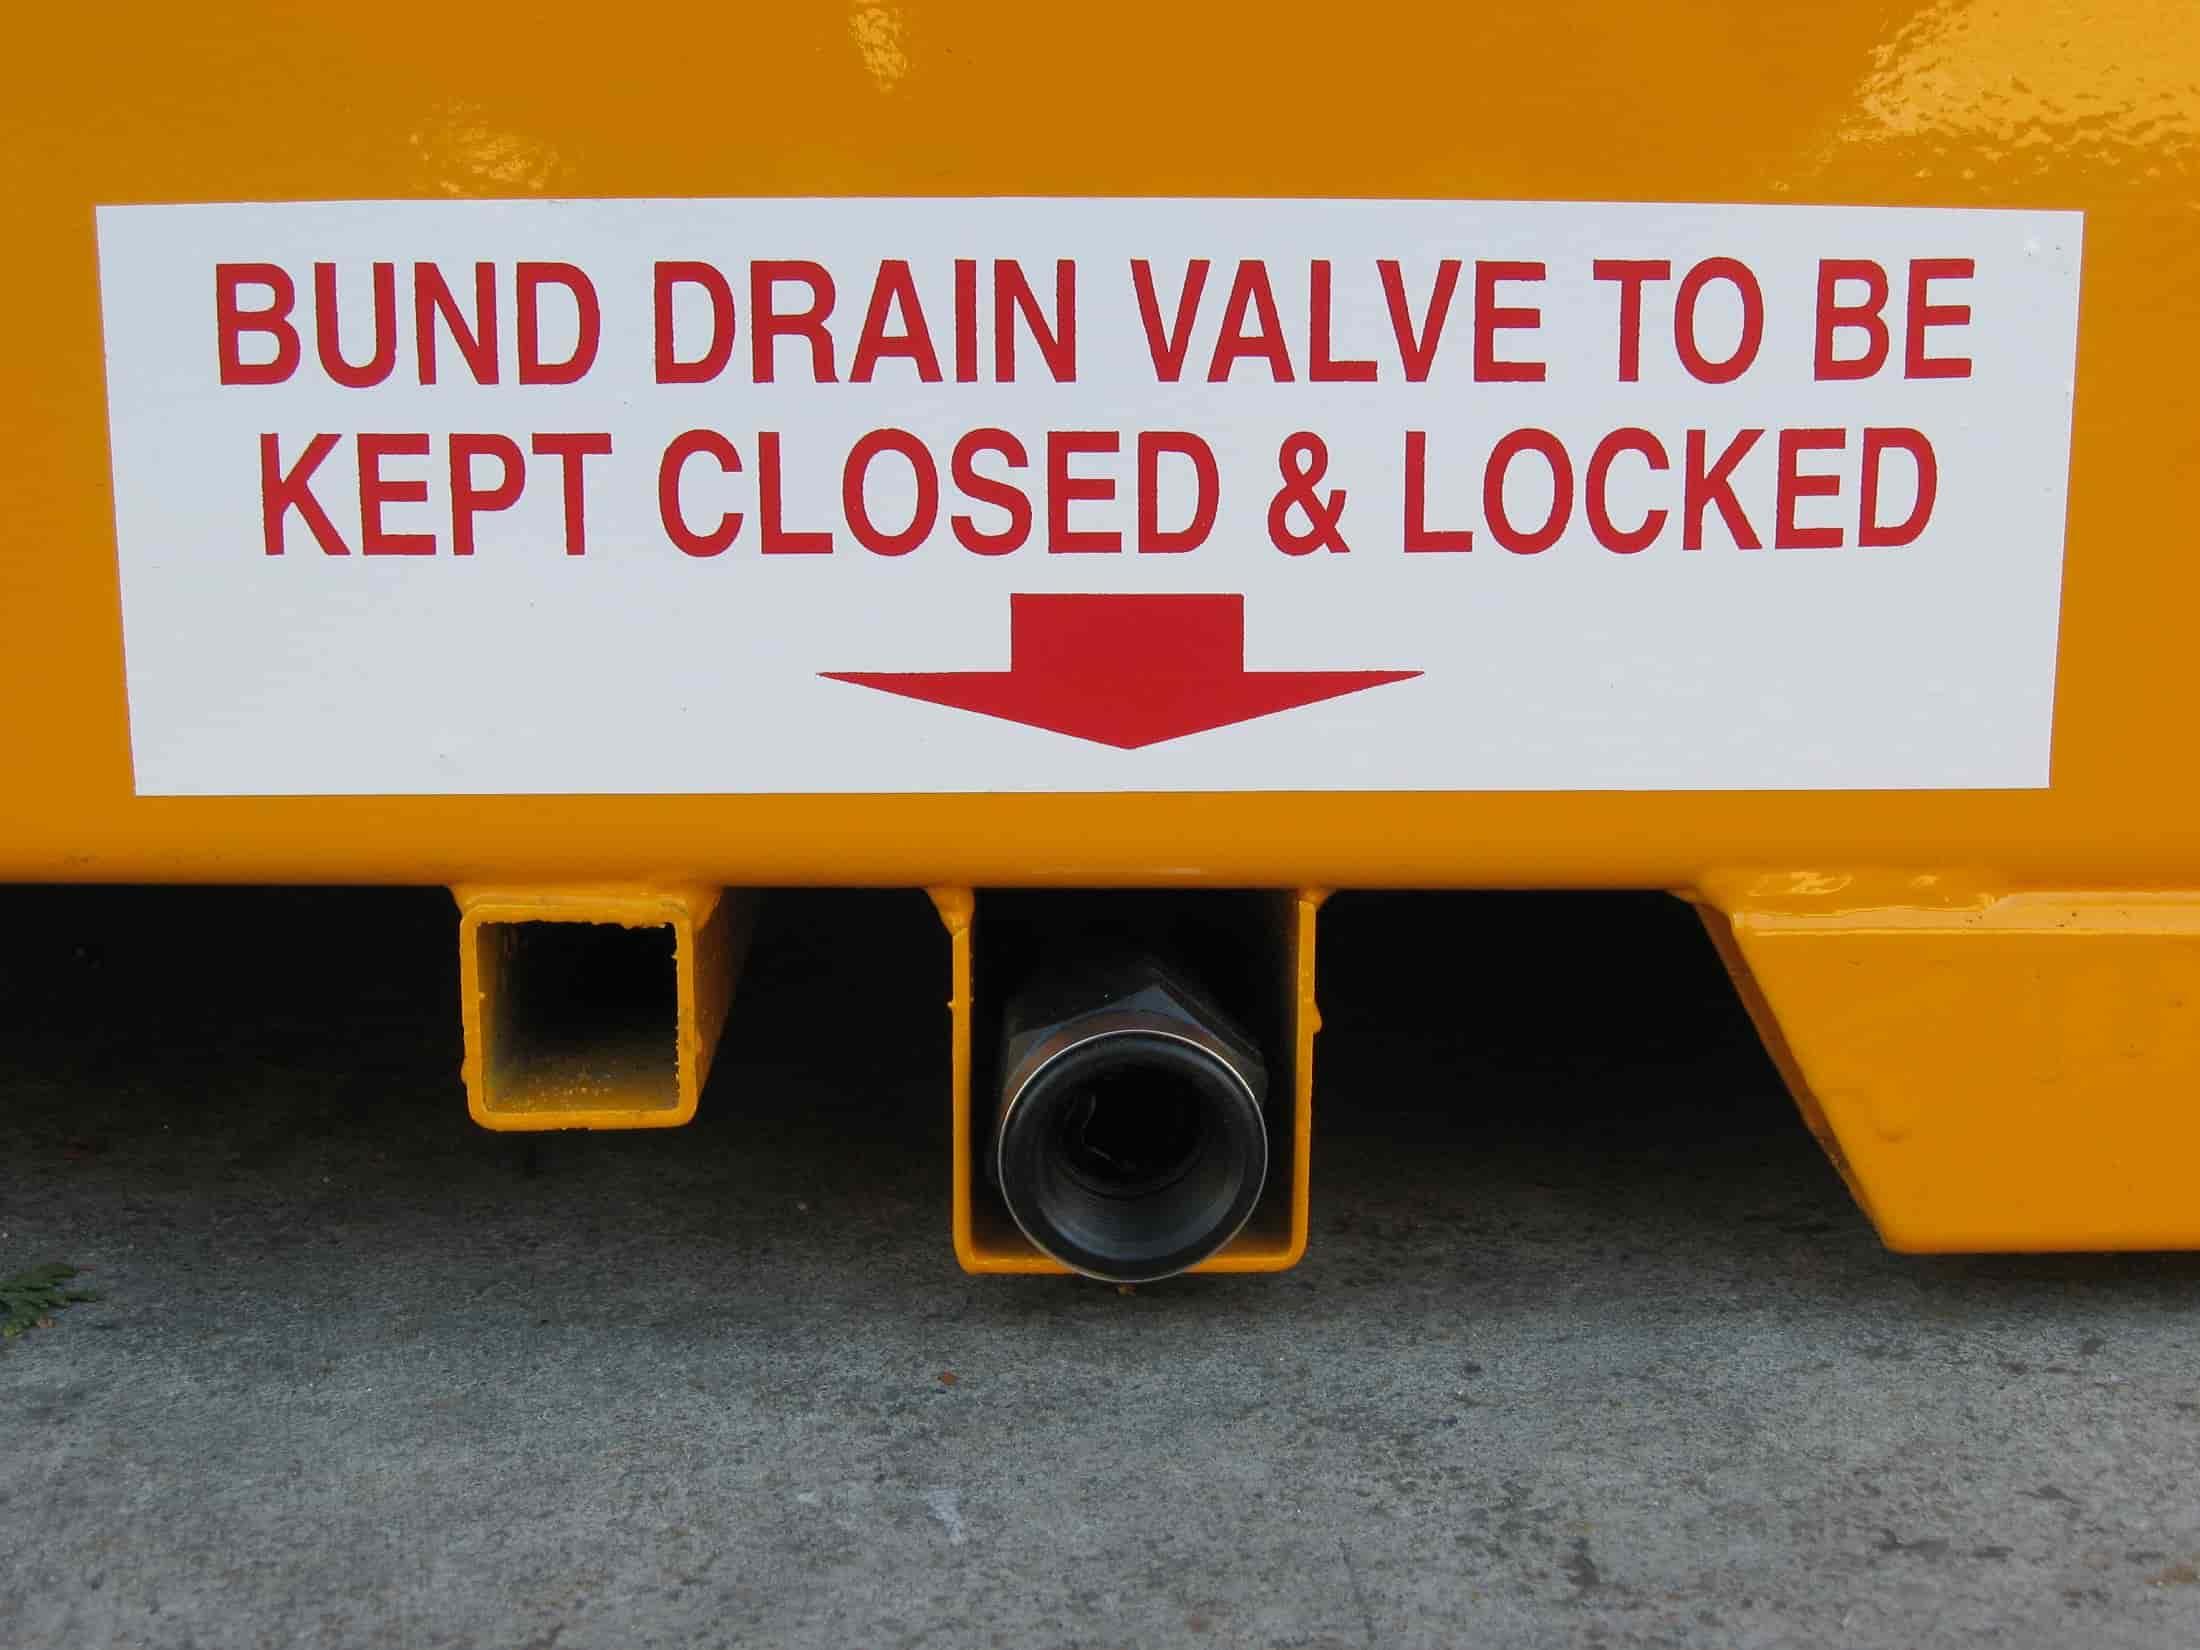 STOREMASTA Relocatable Bund Drain Valve Sump Clean